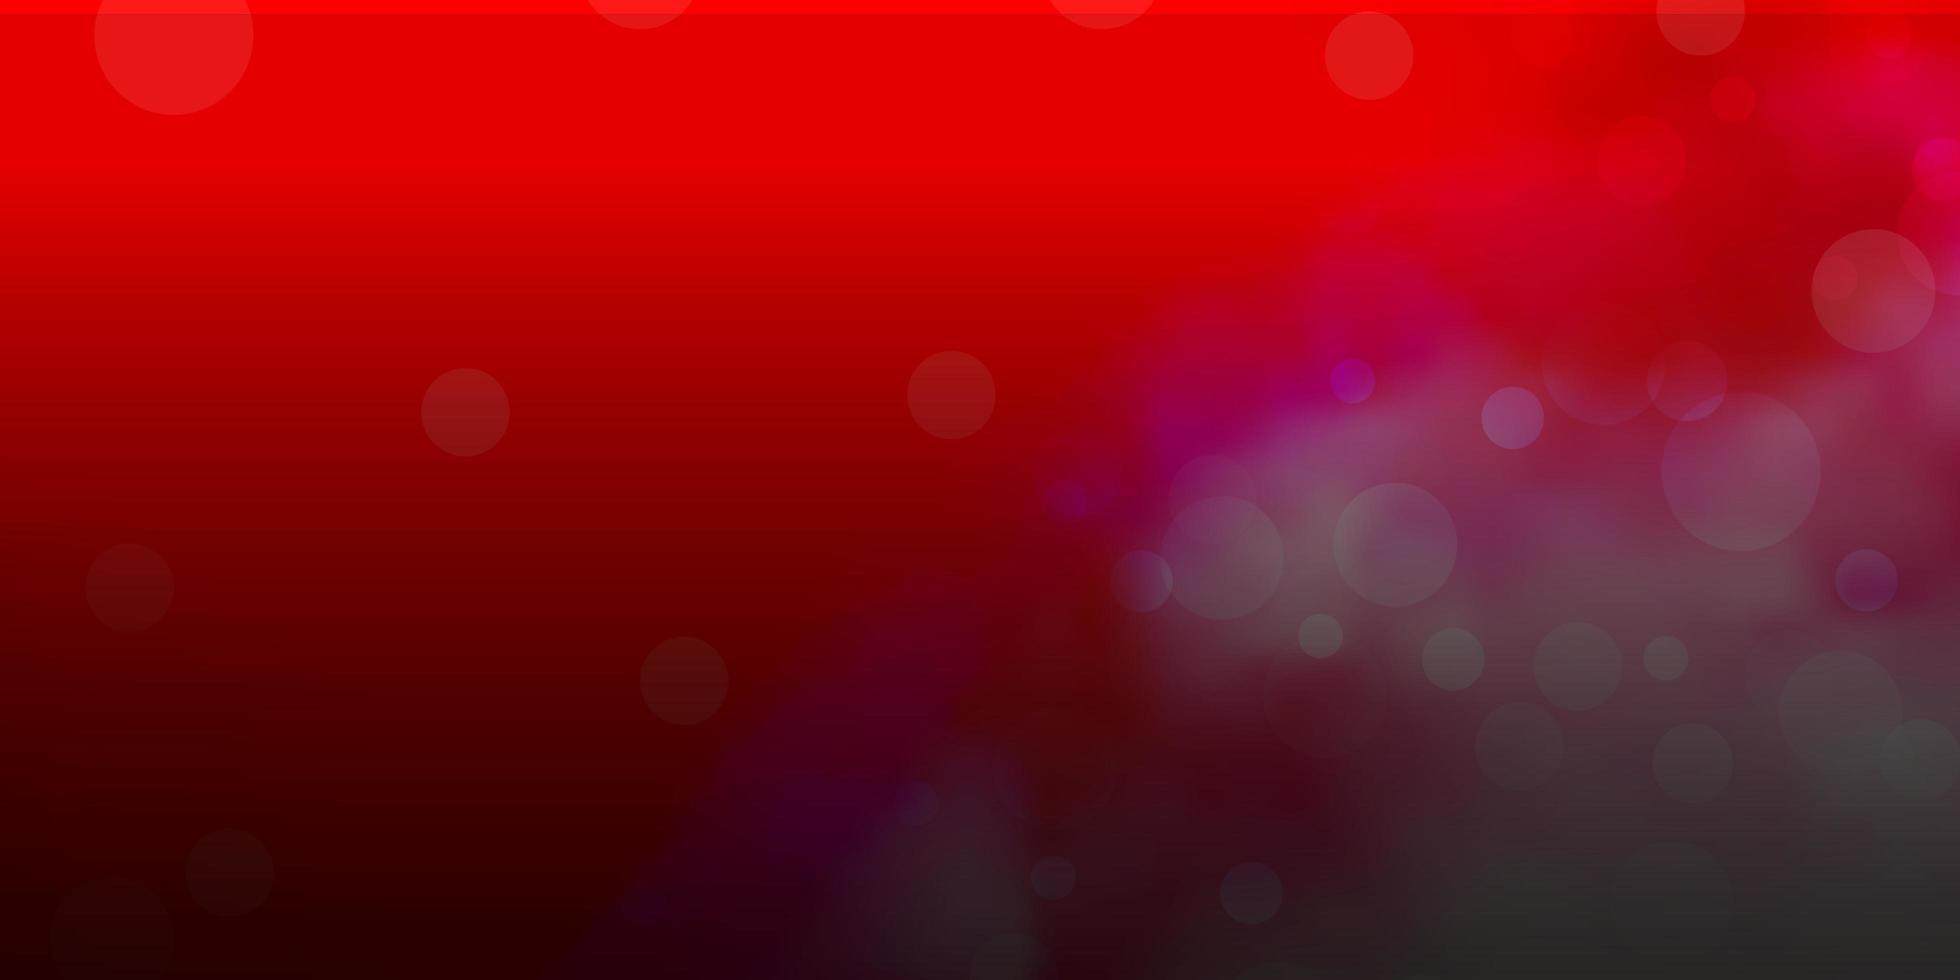 ljusrött vektormönster med sfärer. vektor